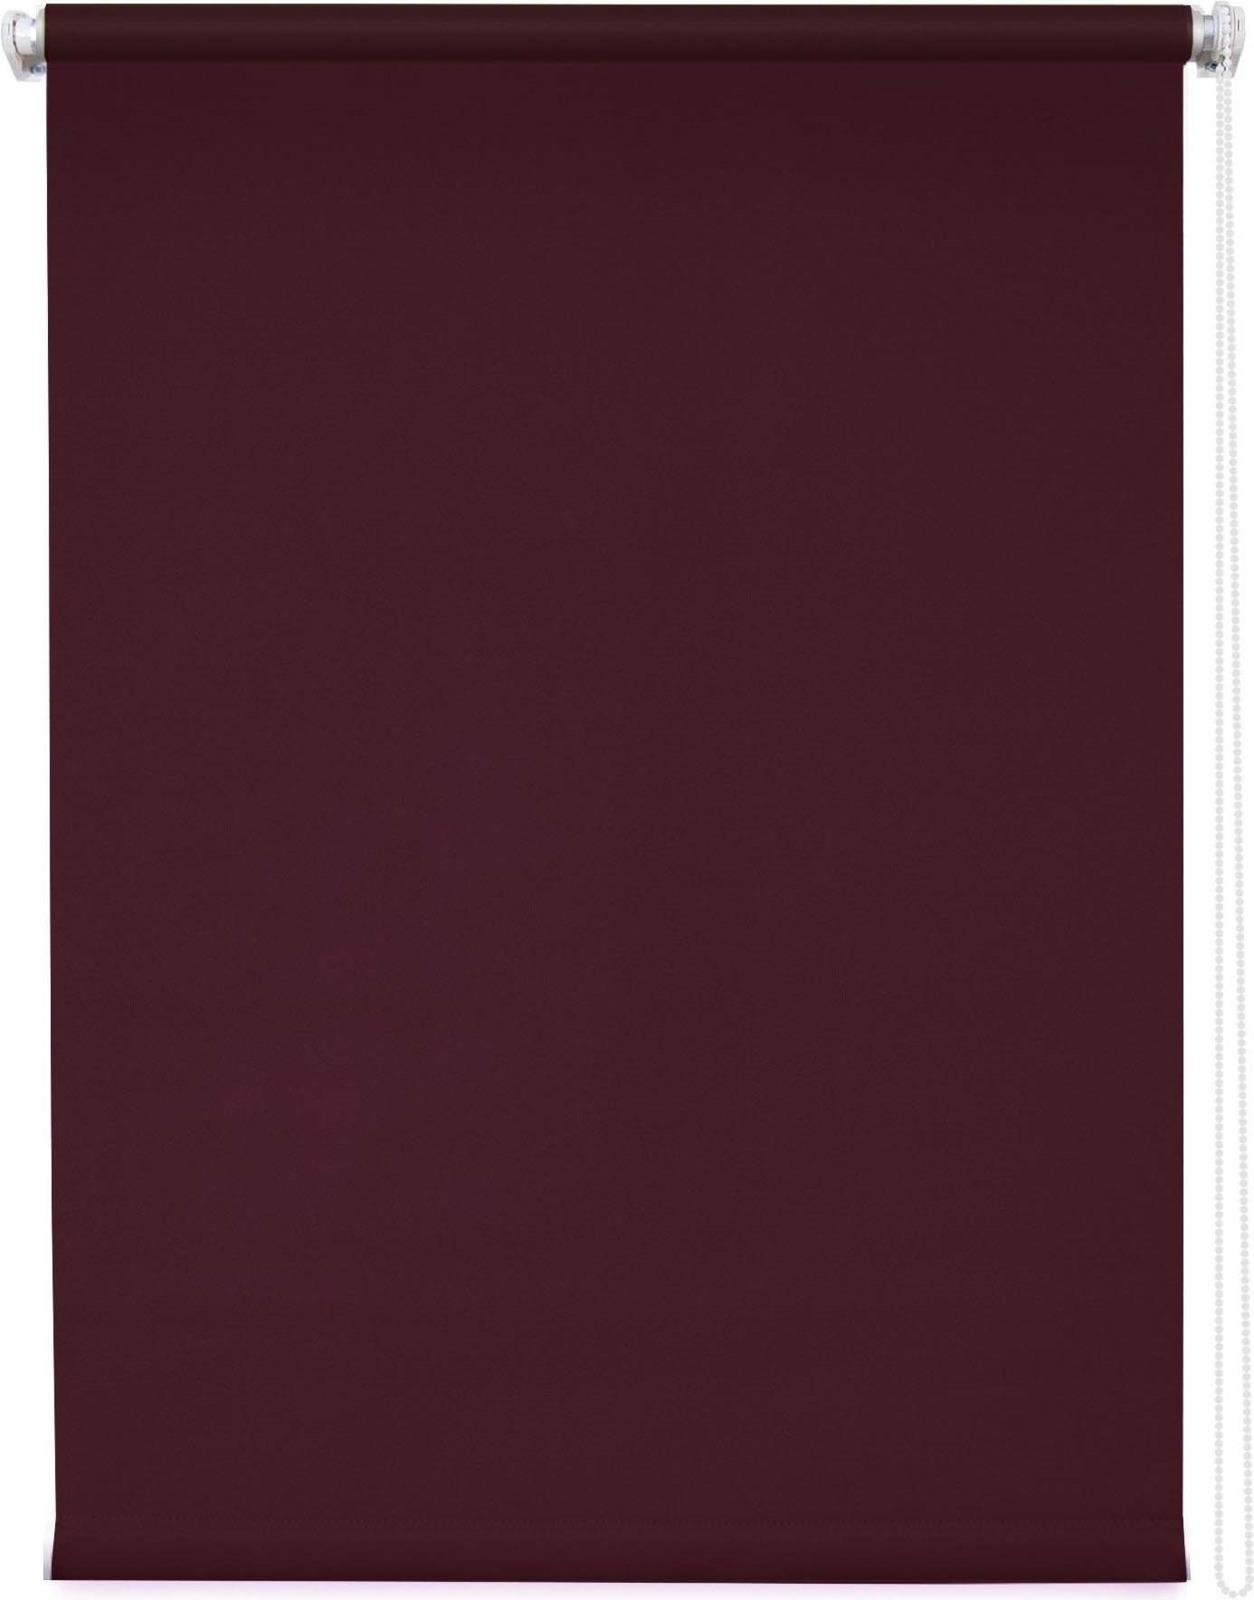 Штора рулонная Уют Плайн, бордовый, ширина 60 см, высота 175 см